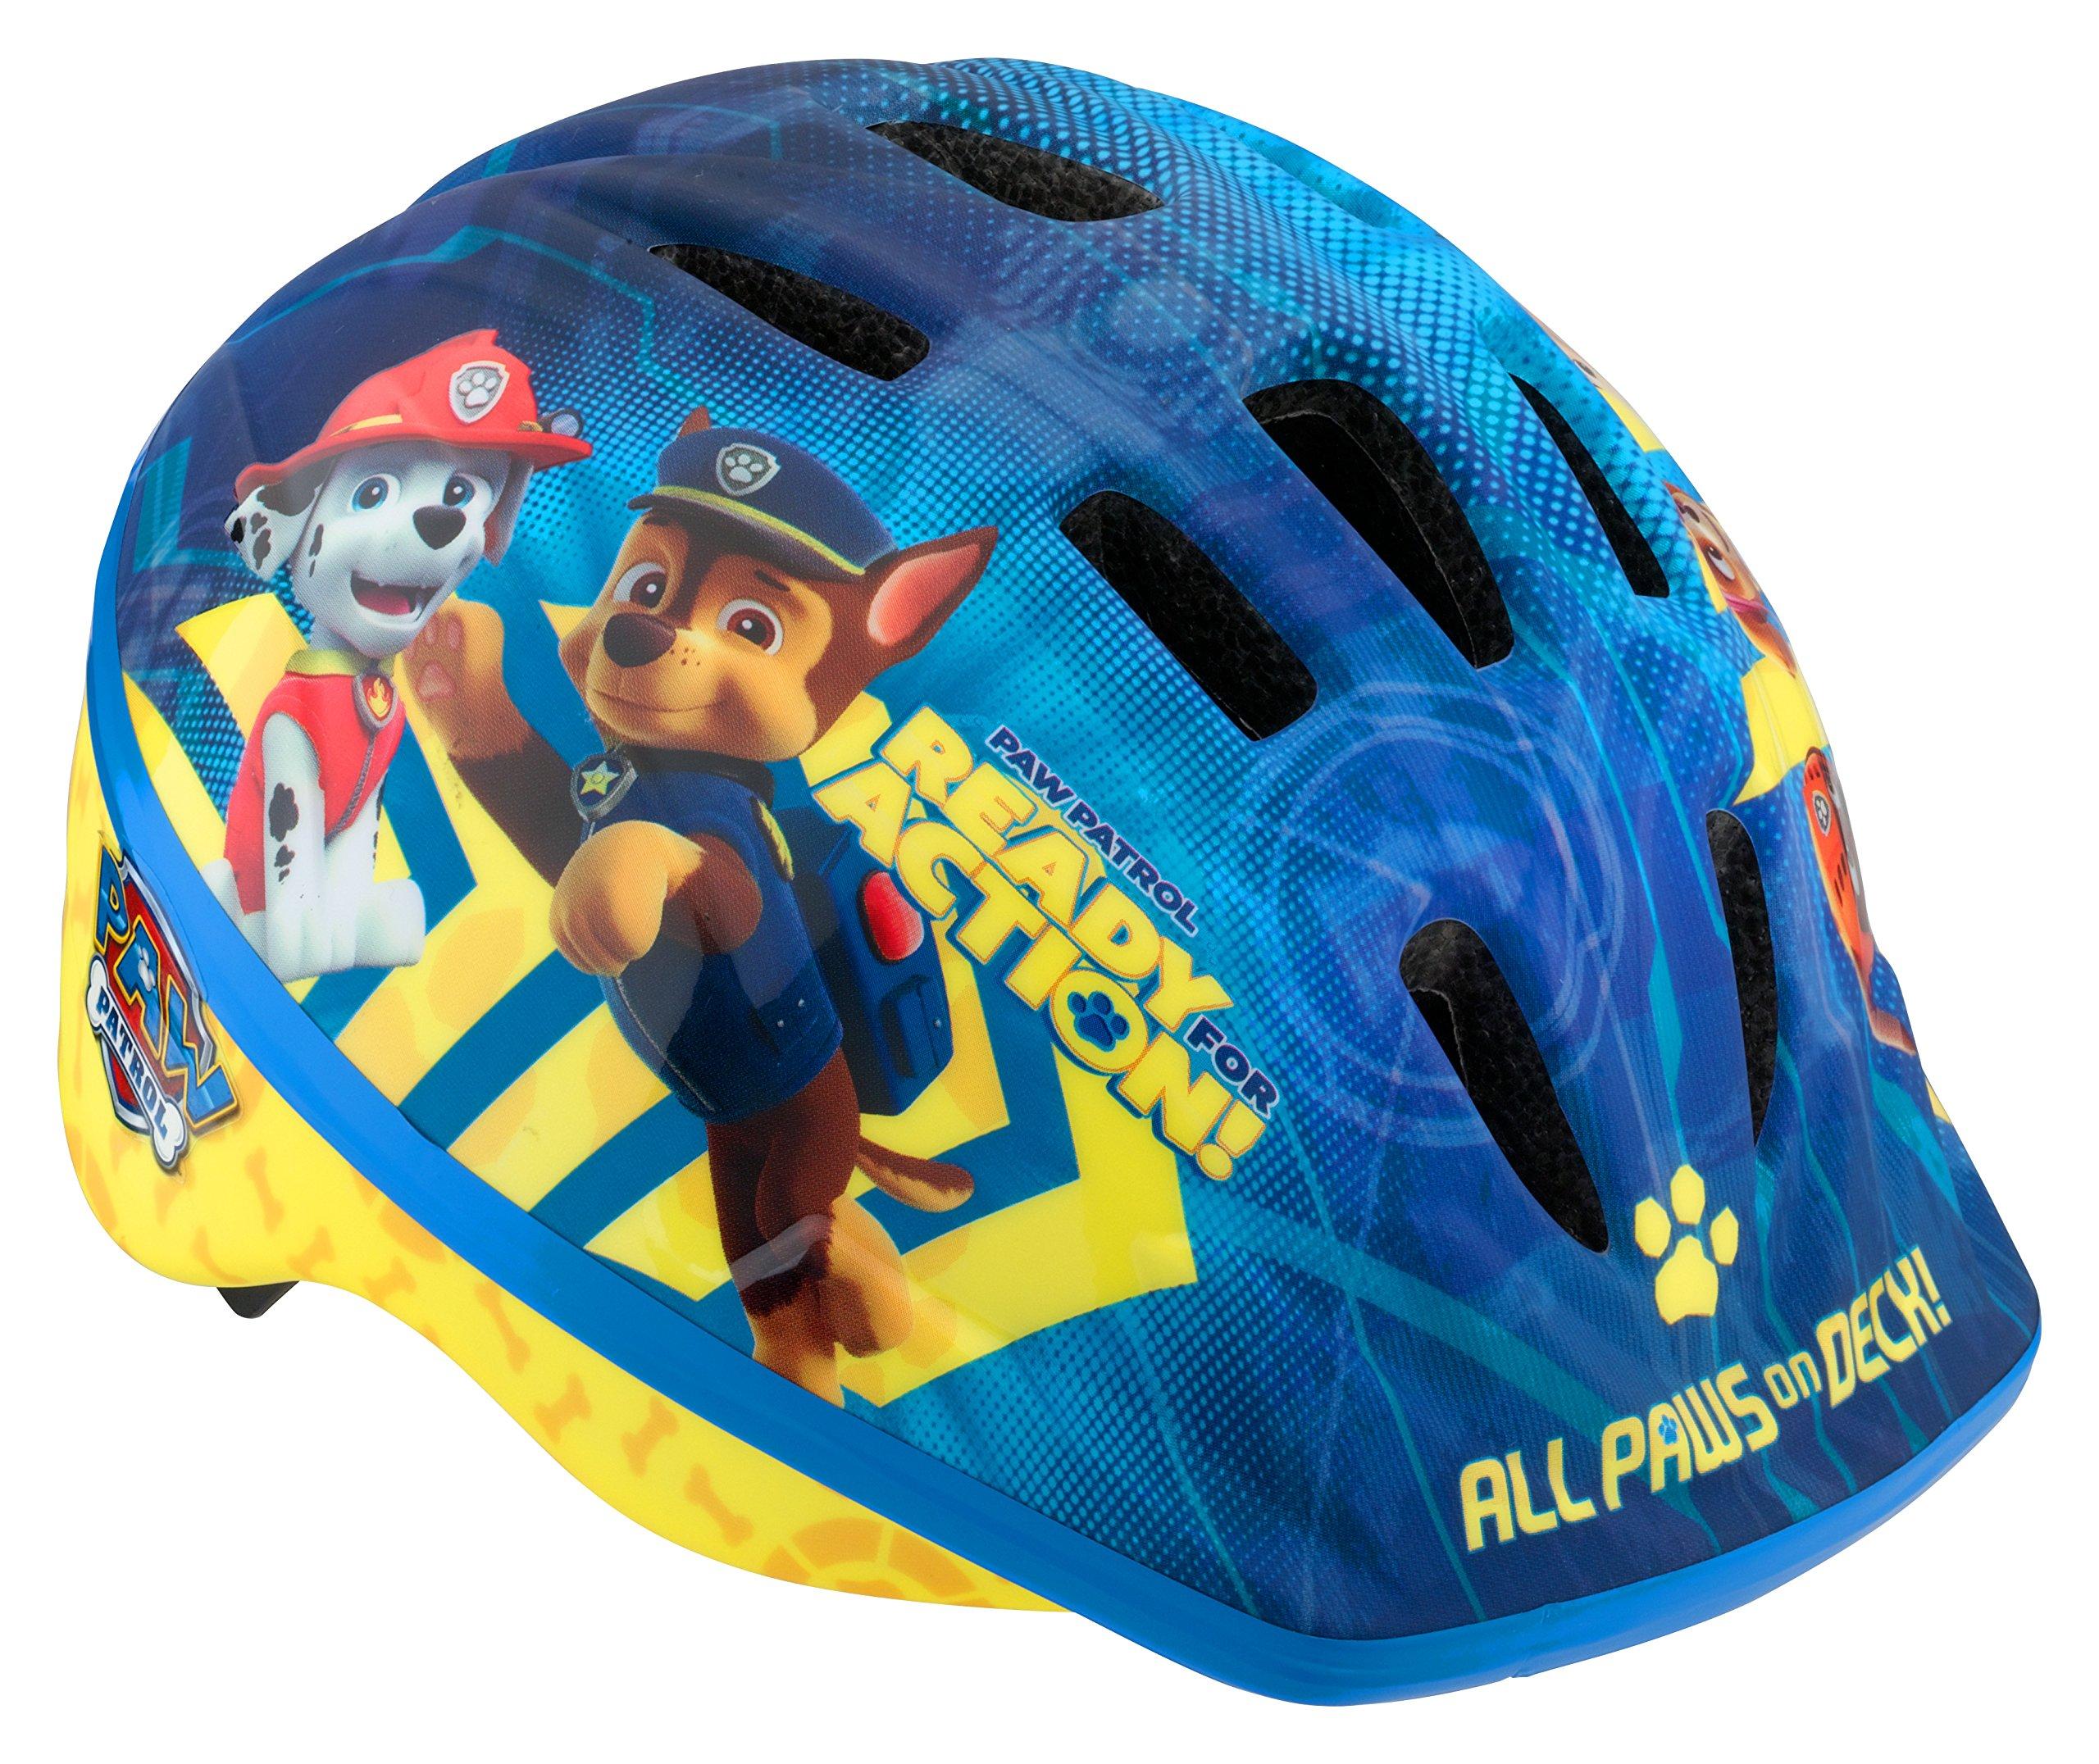 Paw Patrol Toddler Helmet by Nickelodeon